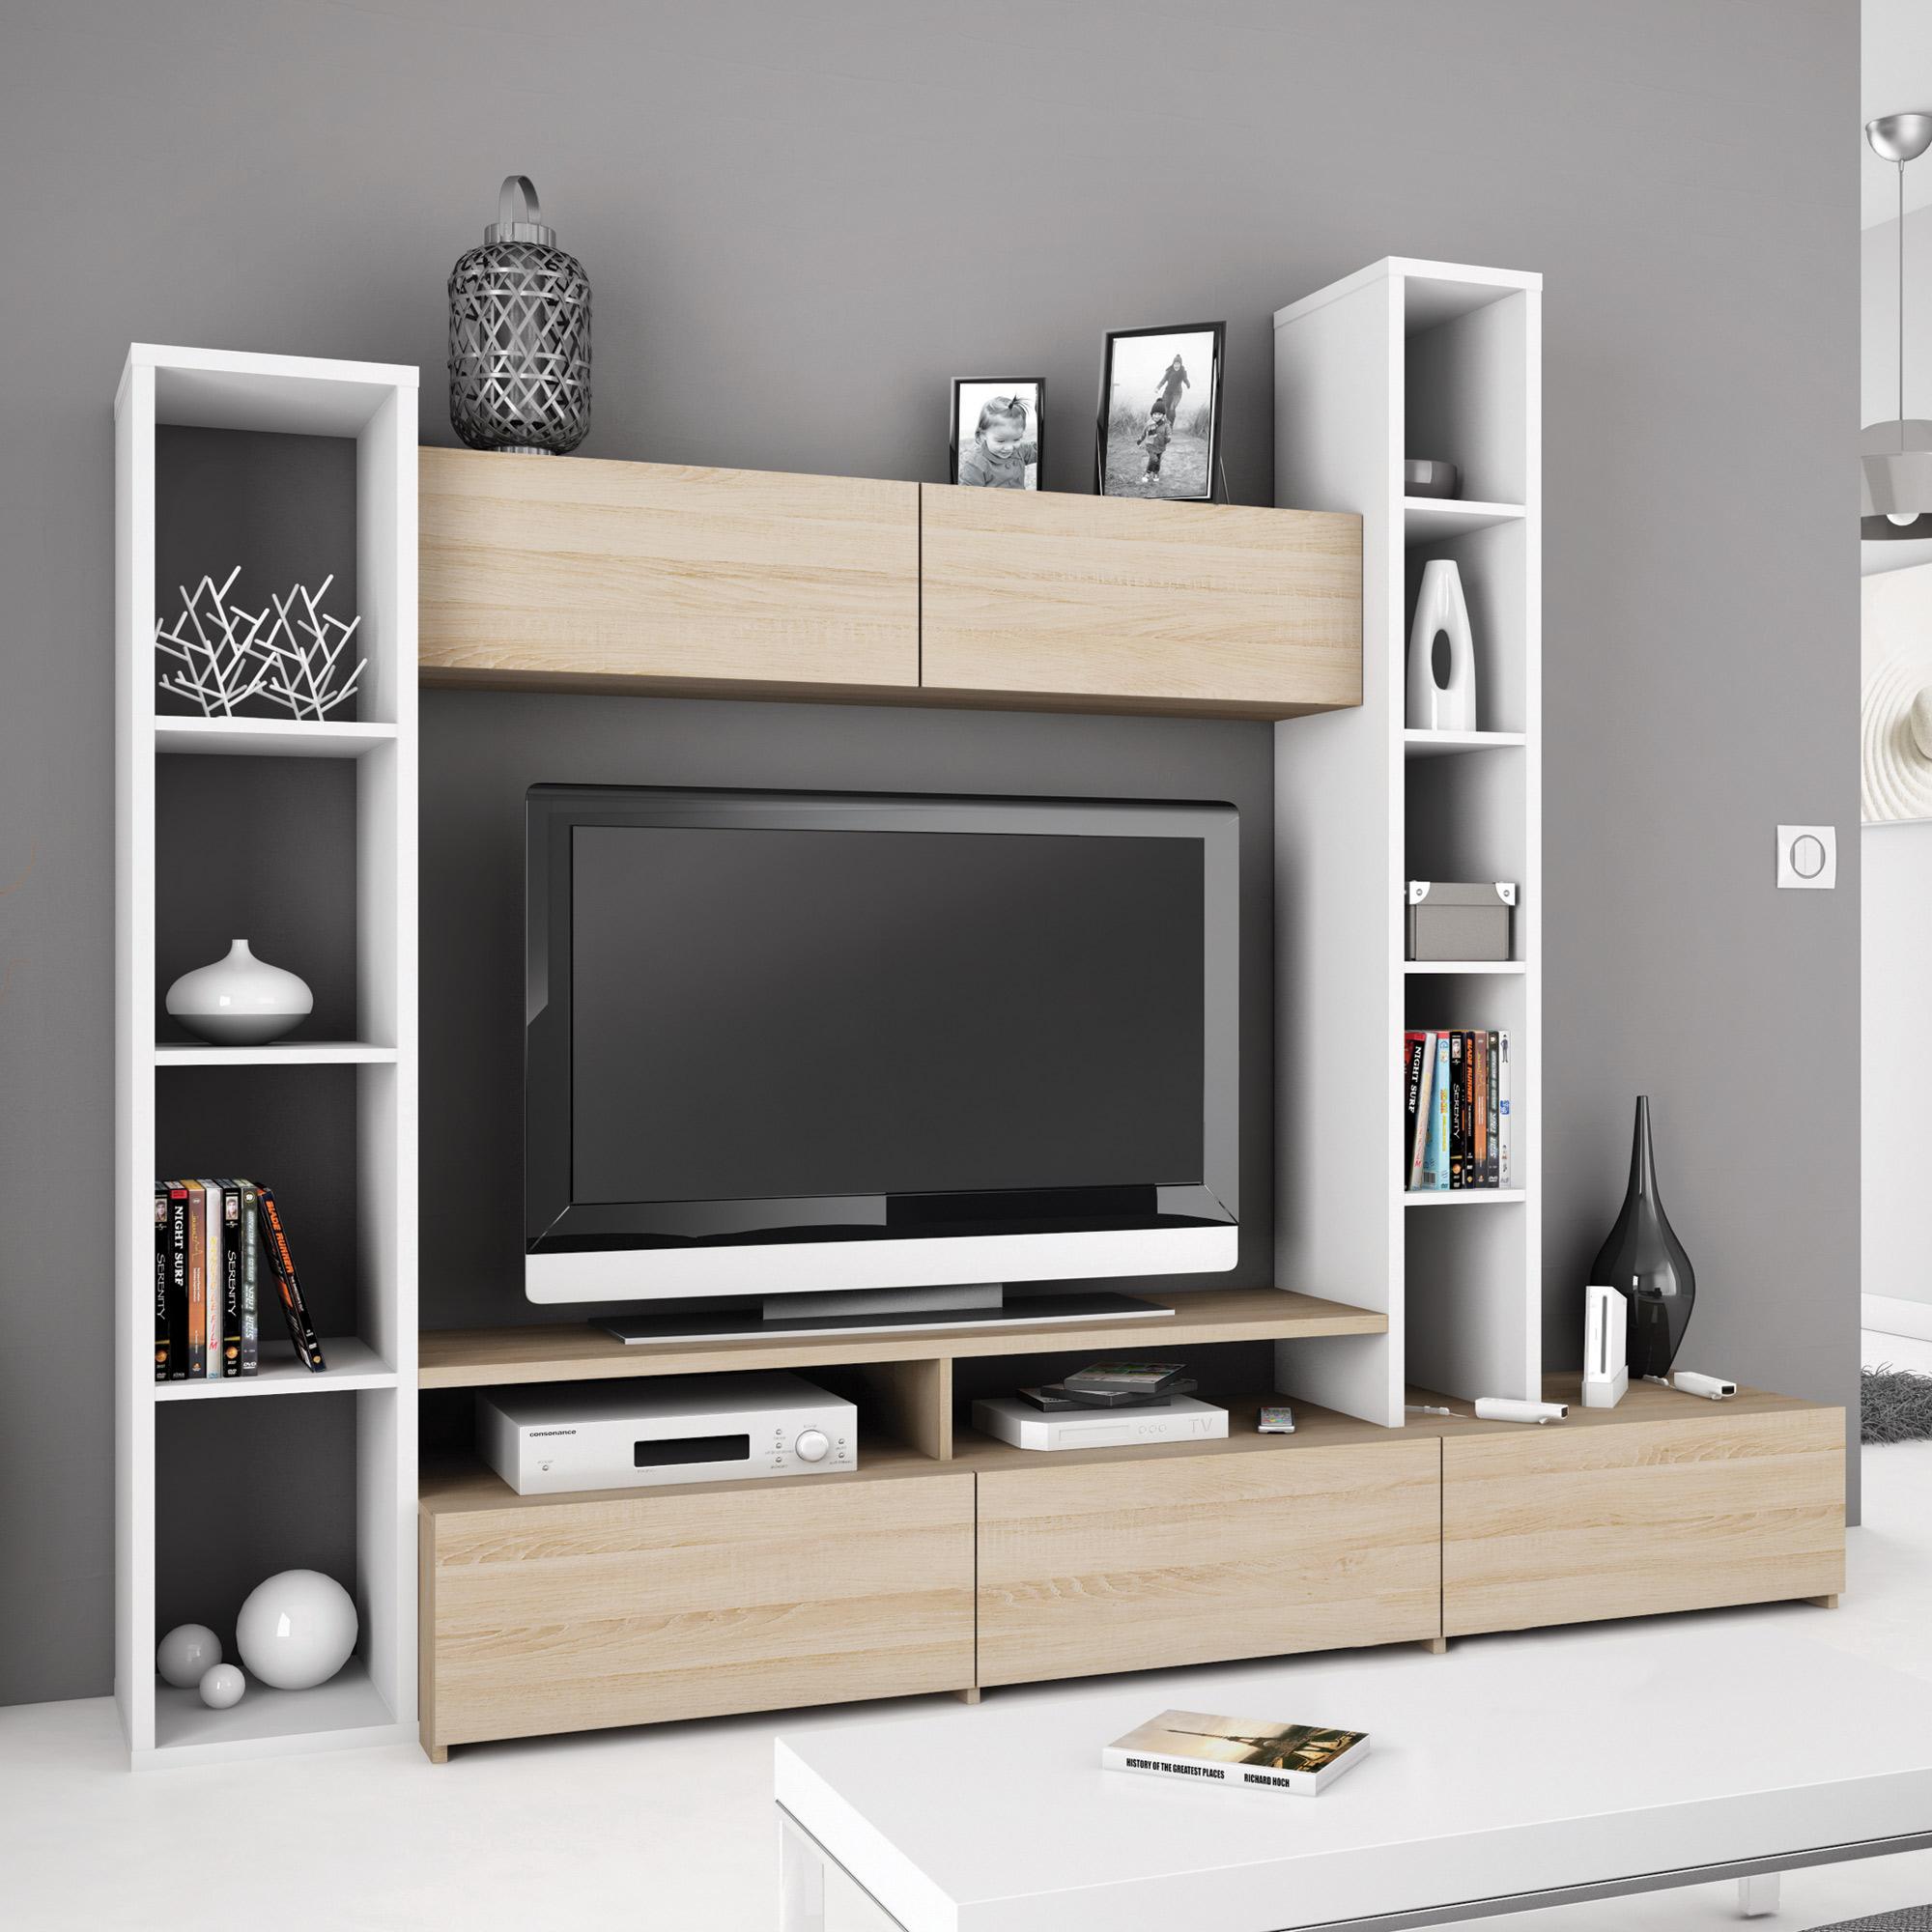 Rangement Meuble Tv Mobilier Design D Coration D Int Rieur # Deco Pour Meuble Tv